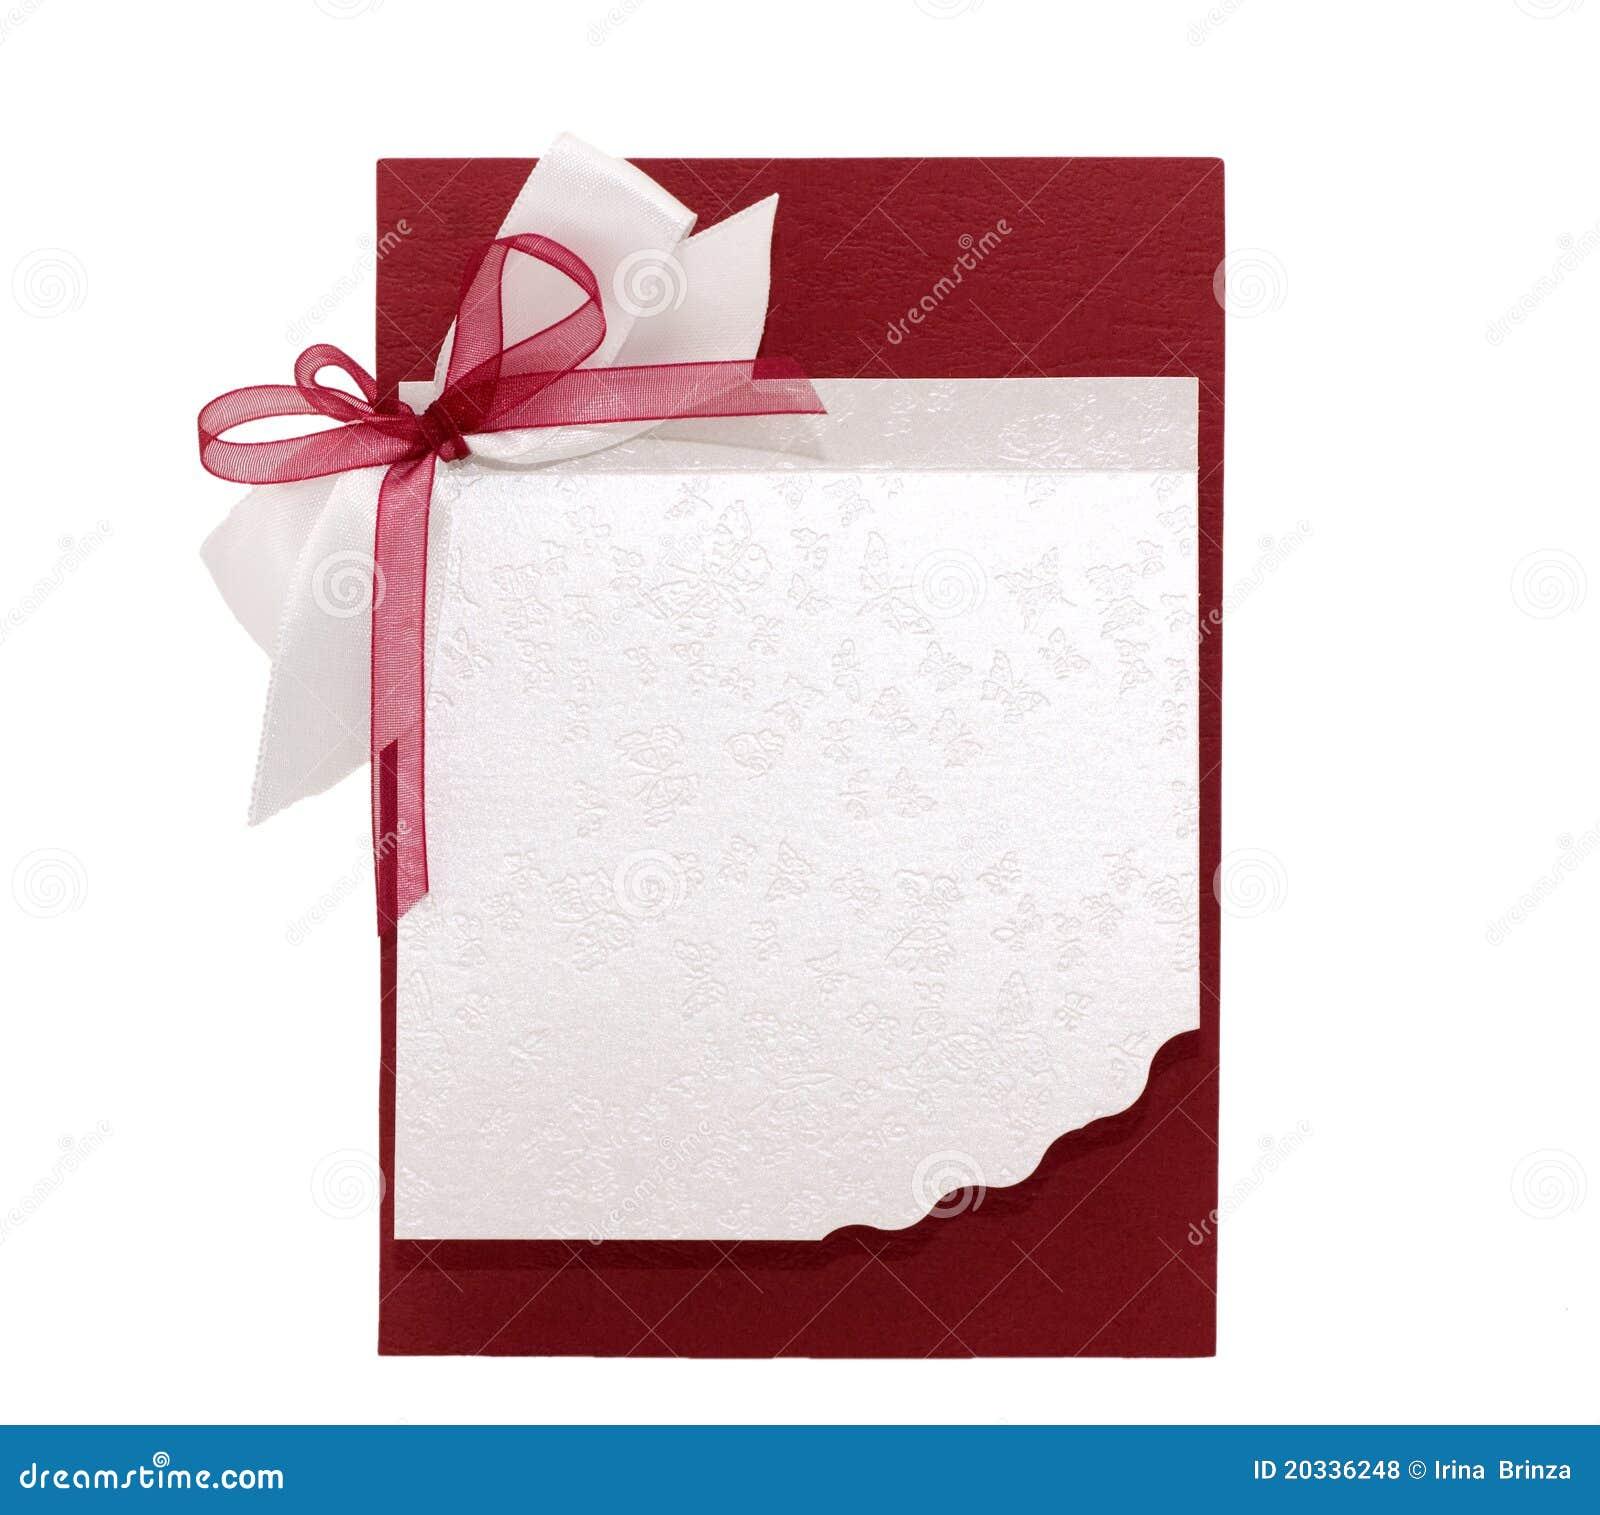 Free Christmas Invitations Template is luxury invitations ideas